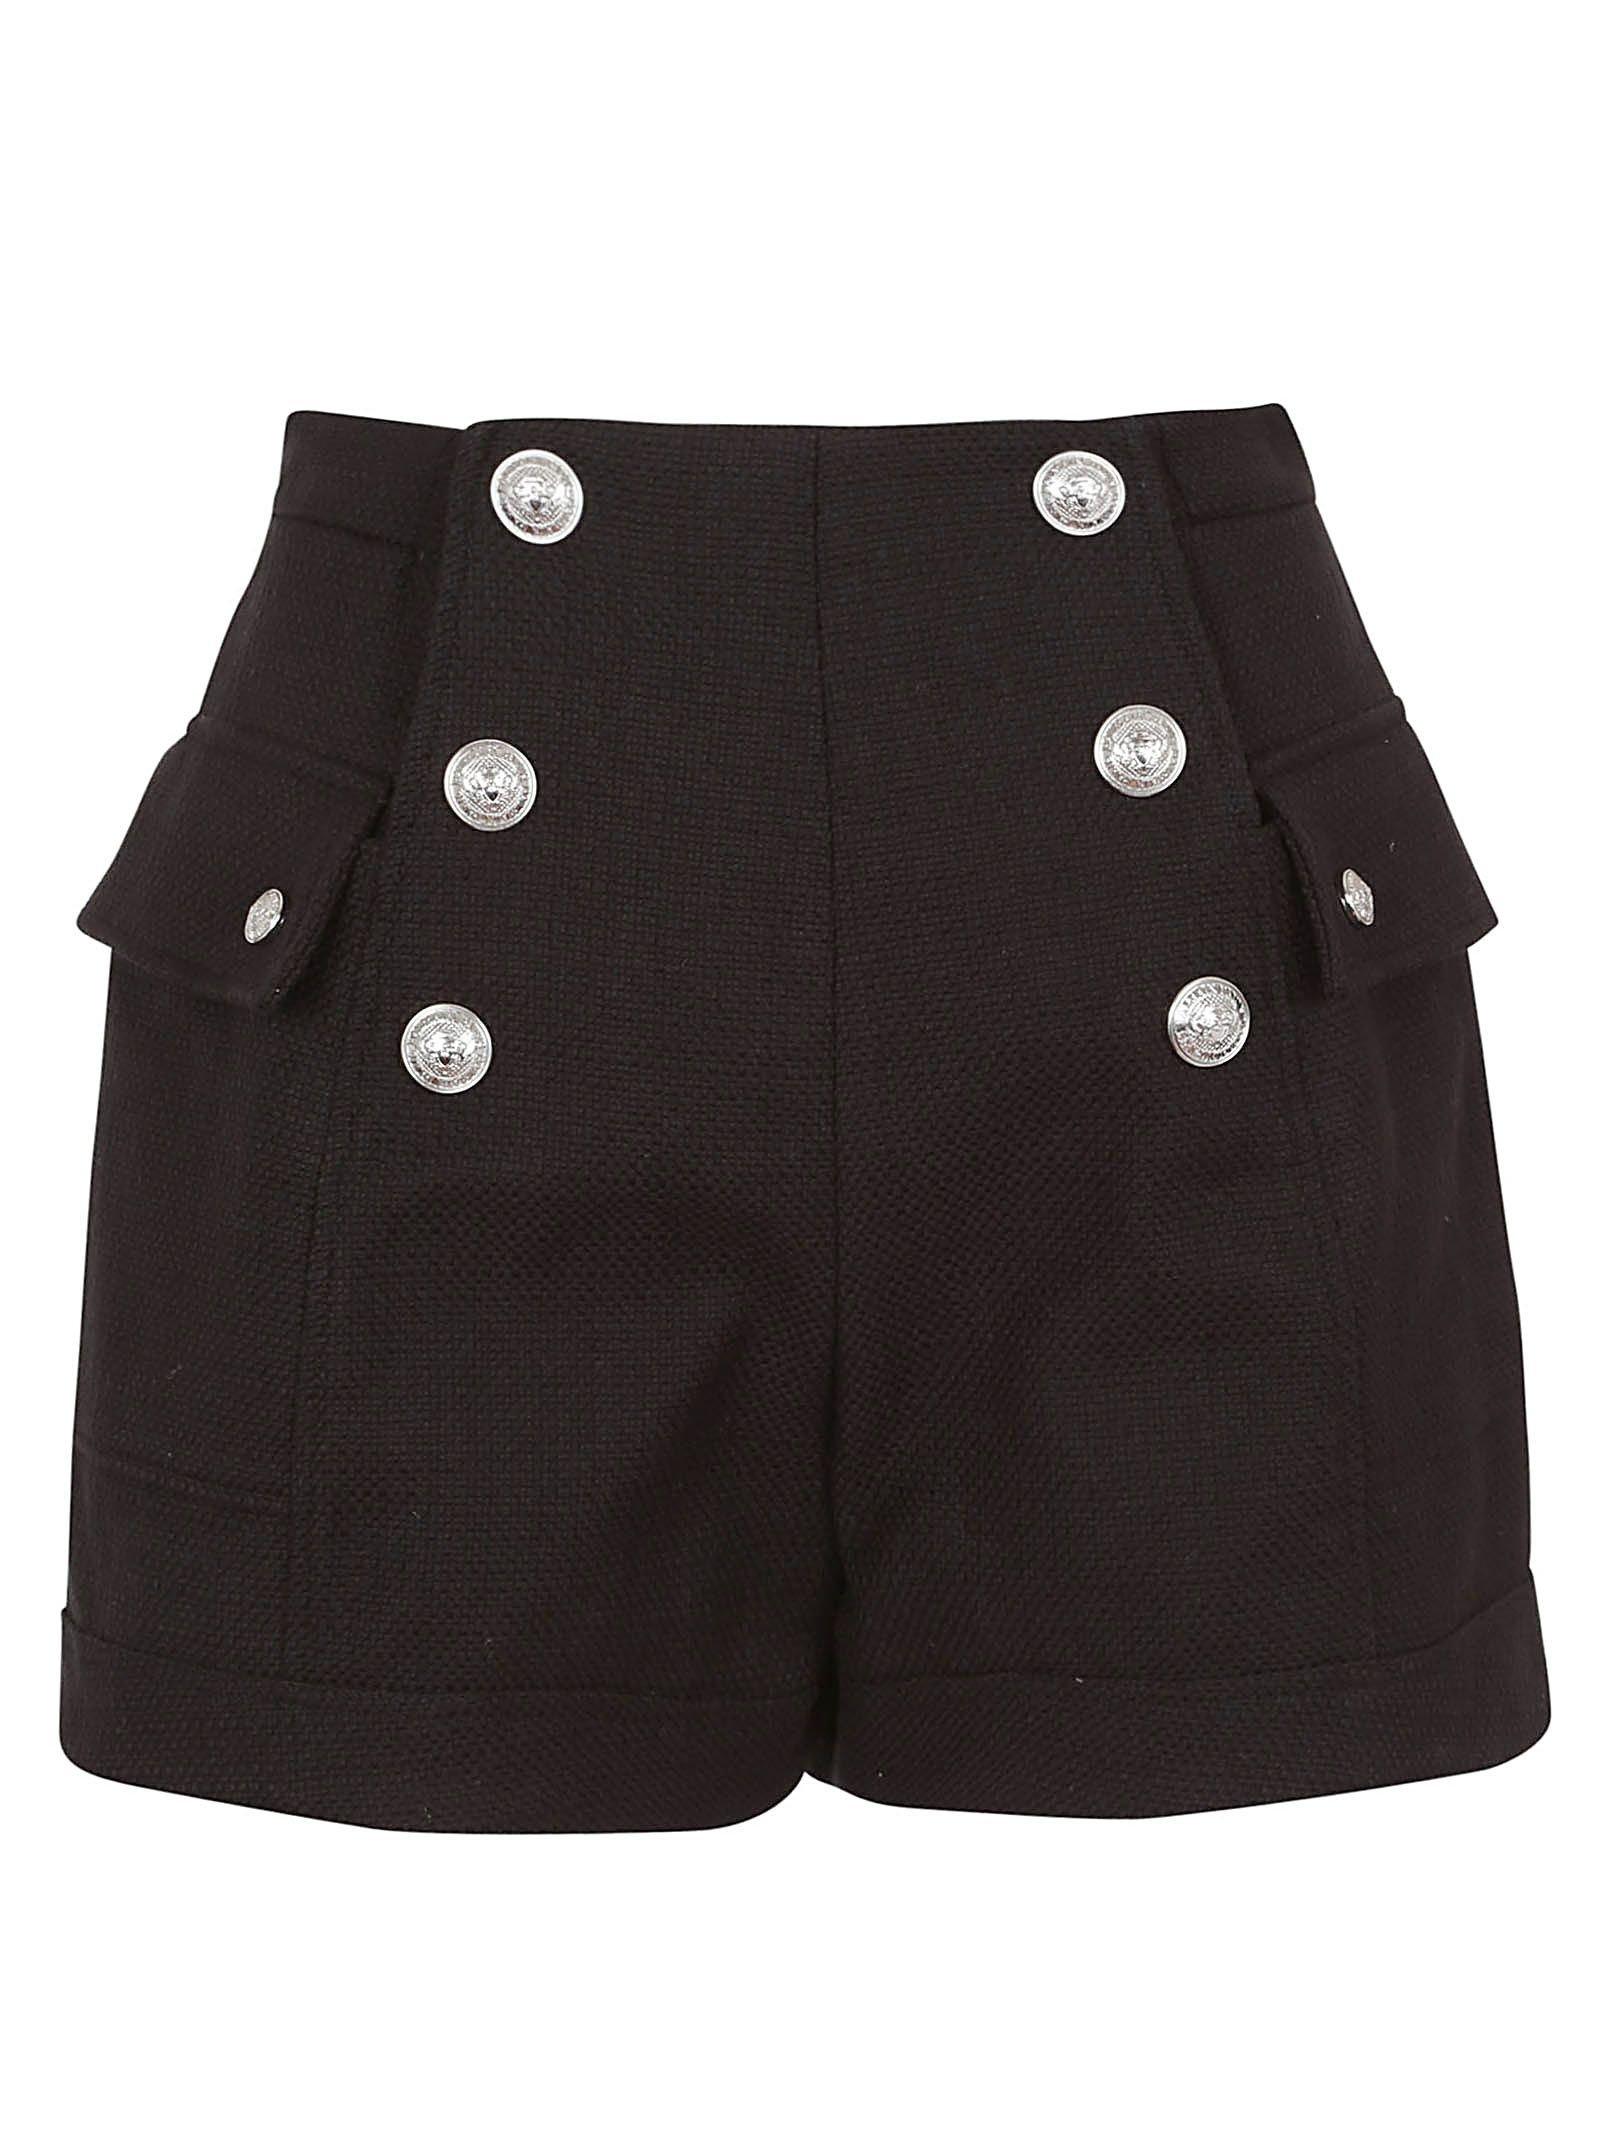 Balmain Balmain Six Button High Waist Shorts